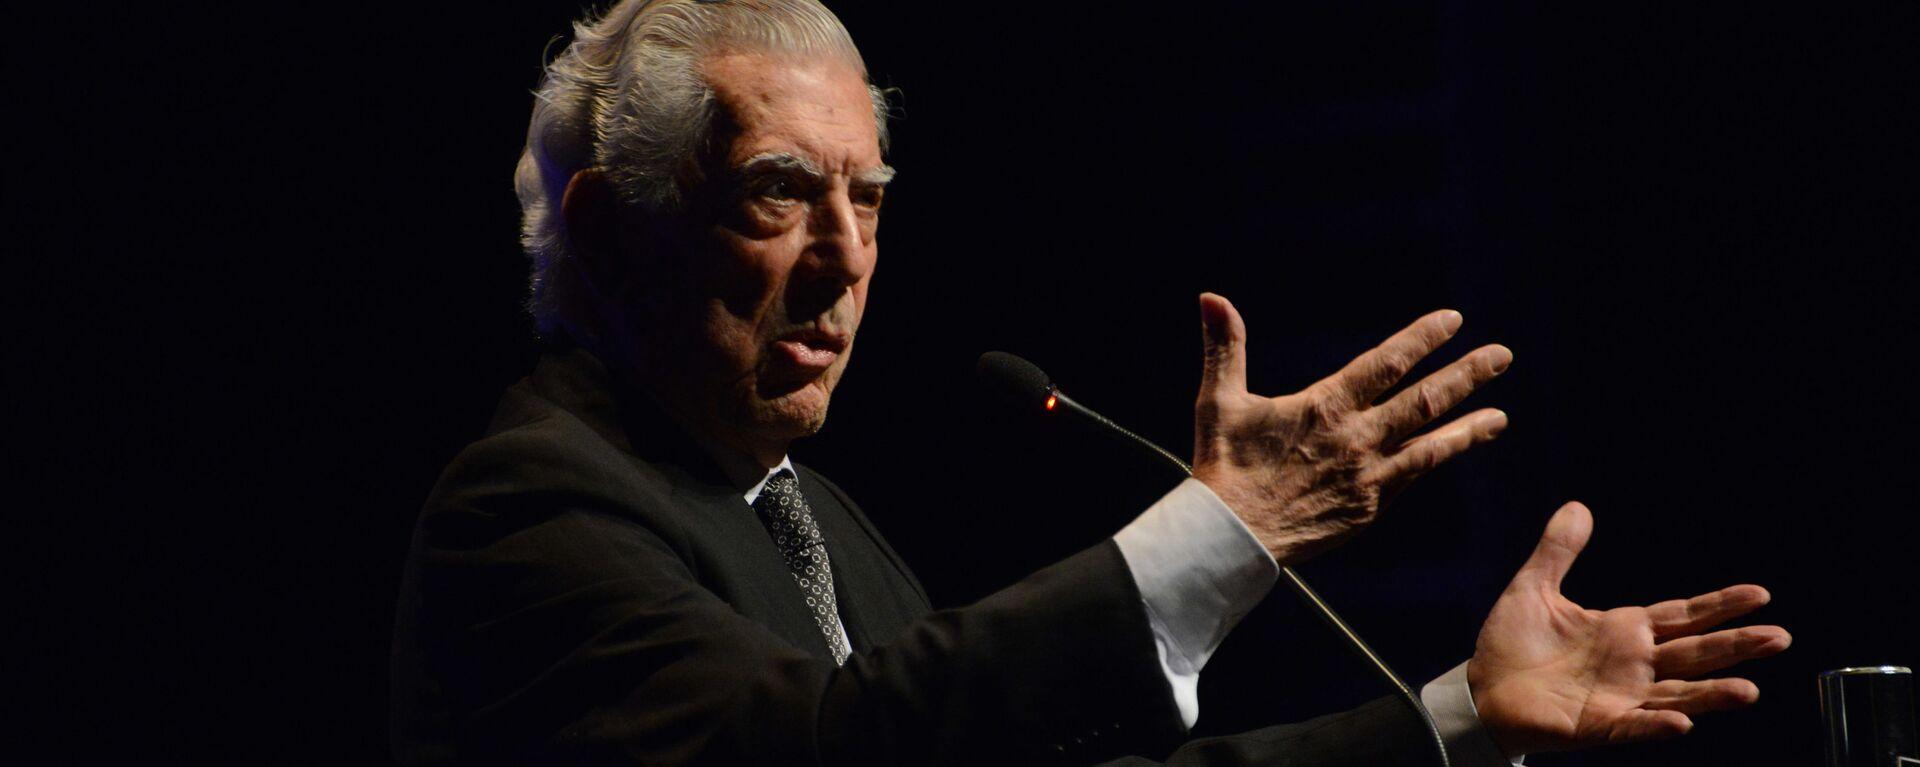 El escritor peruano Mario Vargas Llosa - Sputnik Mundo, 1920, 09.09.2021